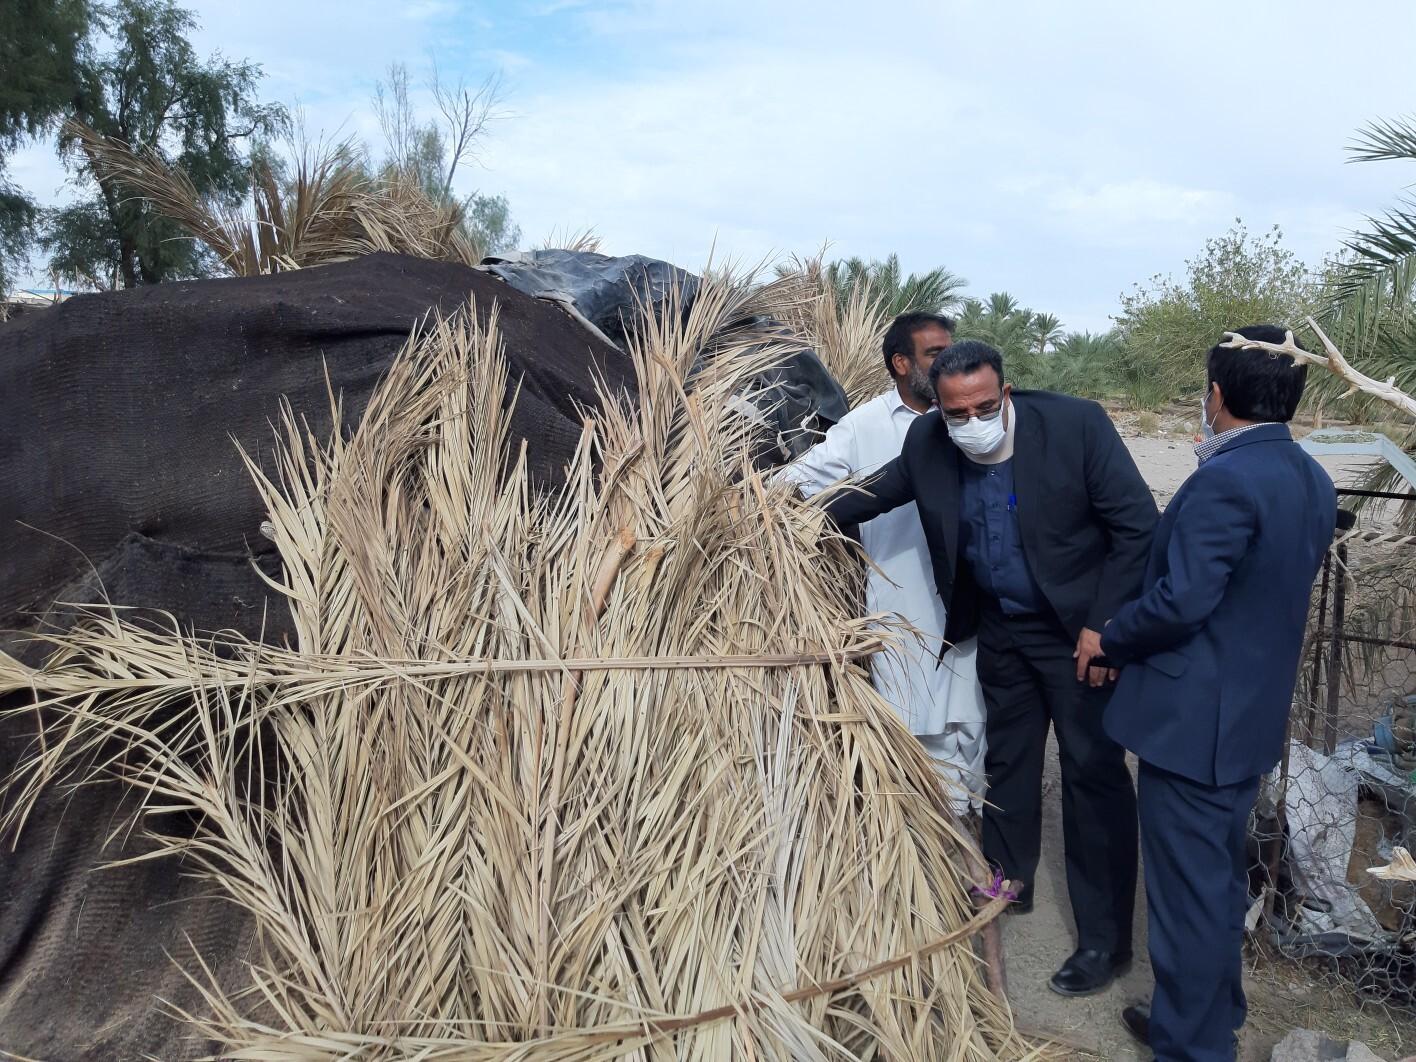 و با اشاره به اینکه در این روستا دهیاری وشورای اسلامی راه اندازی شده است، افزود:خدمات رسانی در این روستاها به نحو مطلوب در حال انجام است.